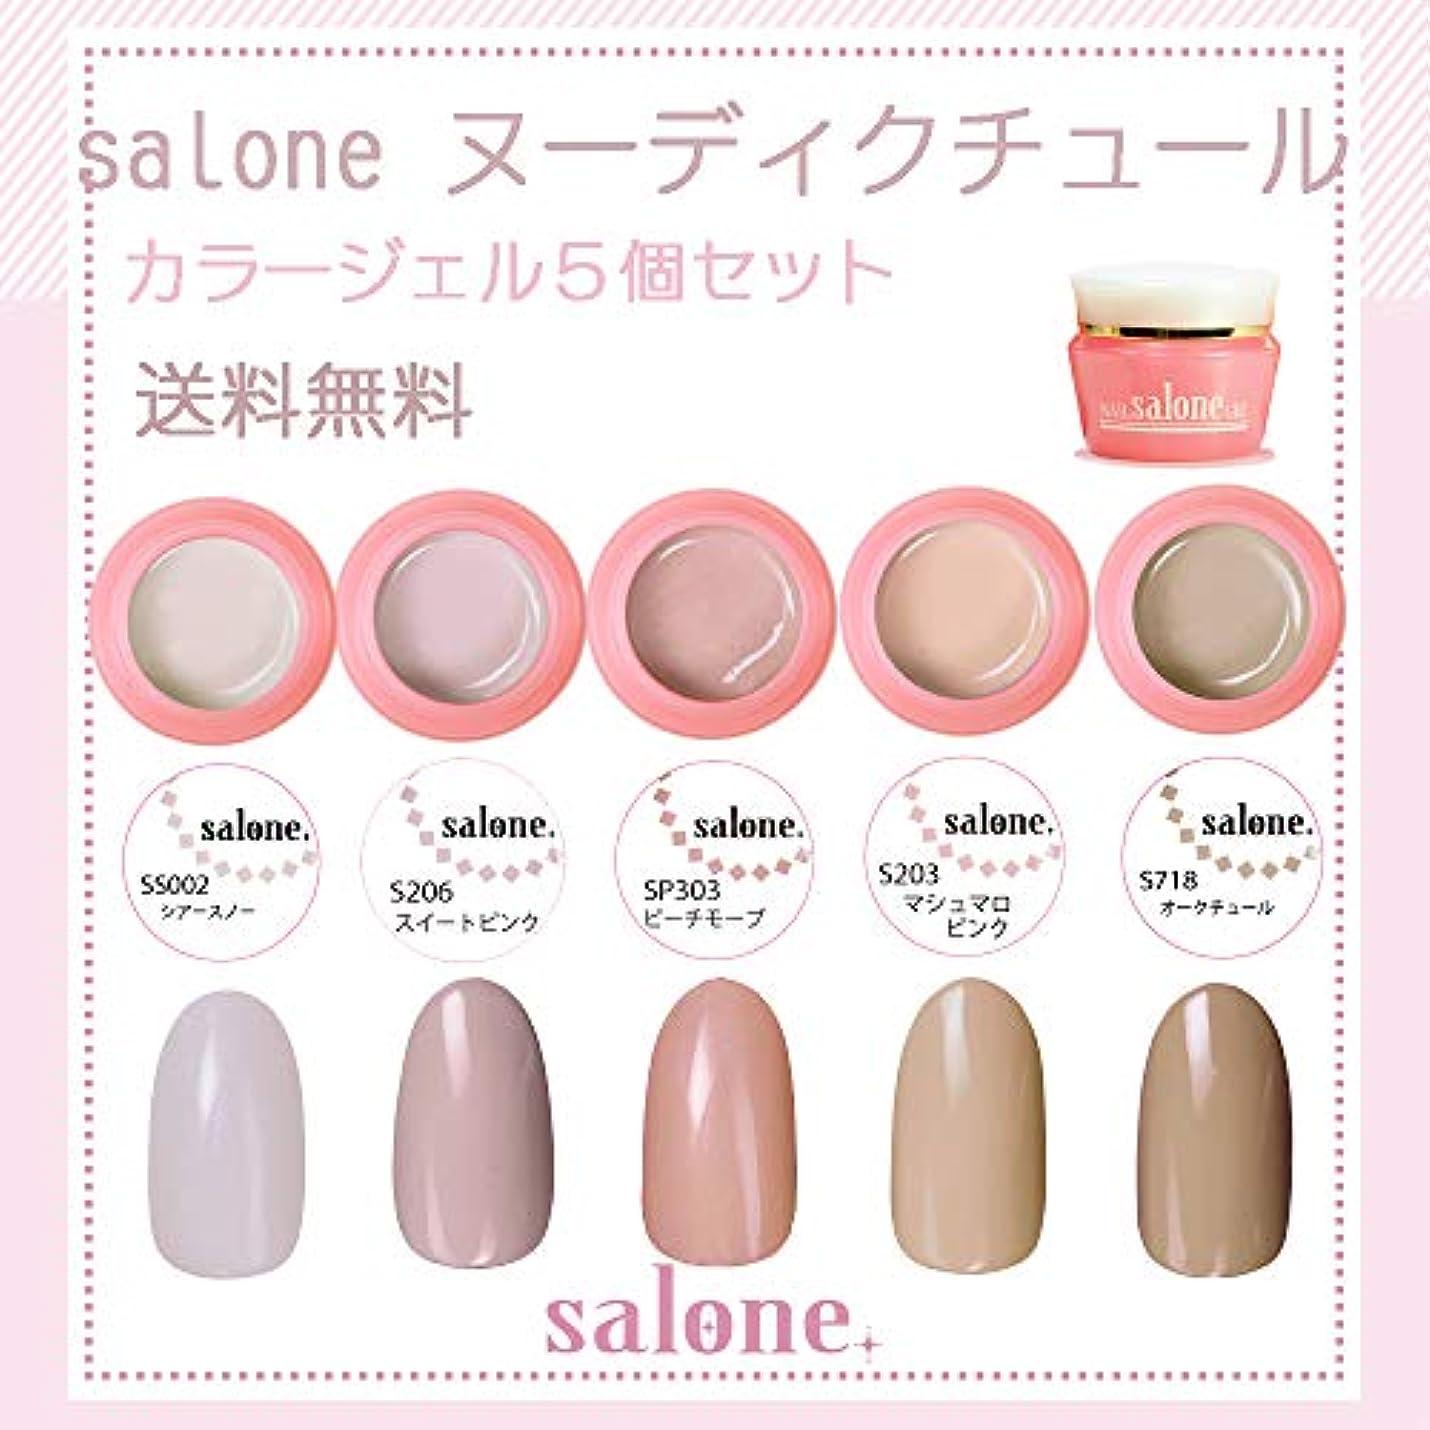 強大な一貫したインチ【送料無料 日本製】Salone ヌーディクチュール カラージェル5個セット 上品で肌なじみの良いカラー